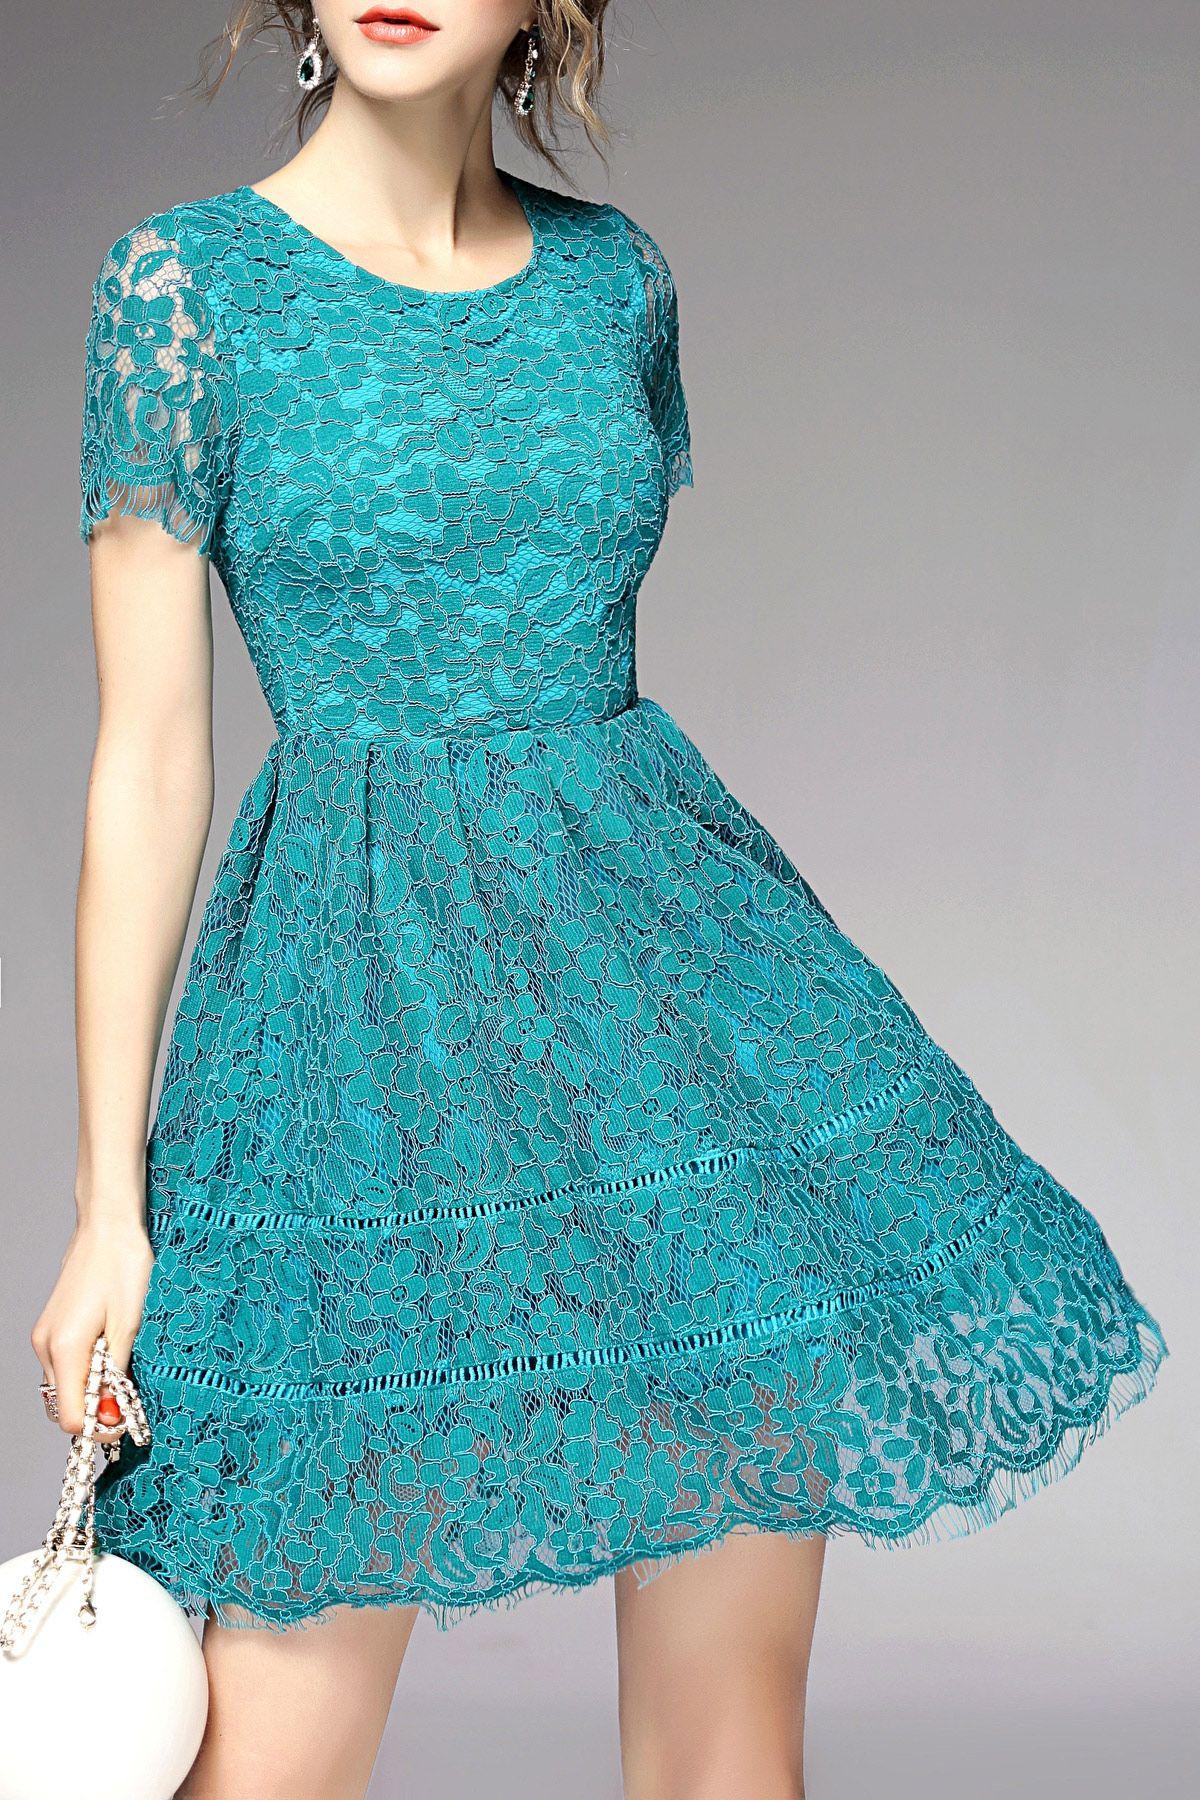 lake blue lace dress | Tattoos & Fashion | Pinterest | Lace dress ...